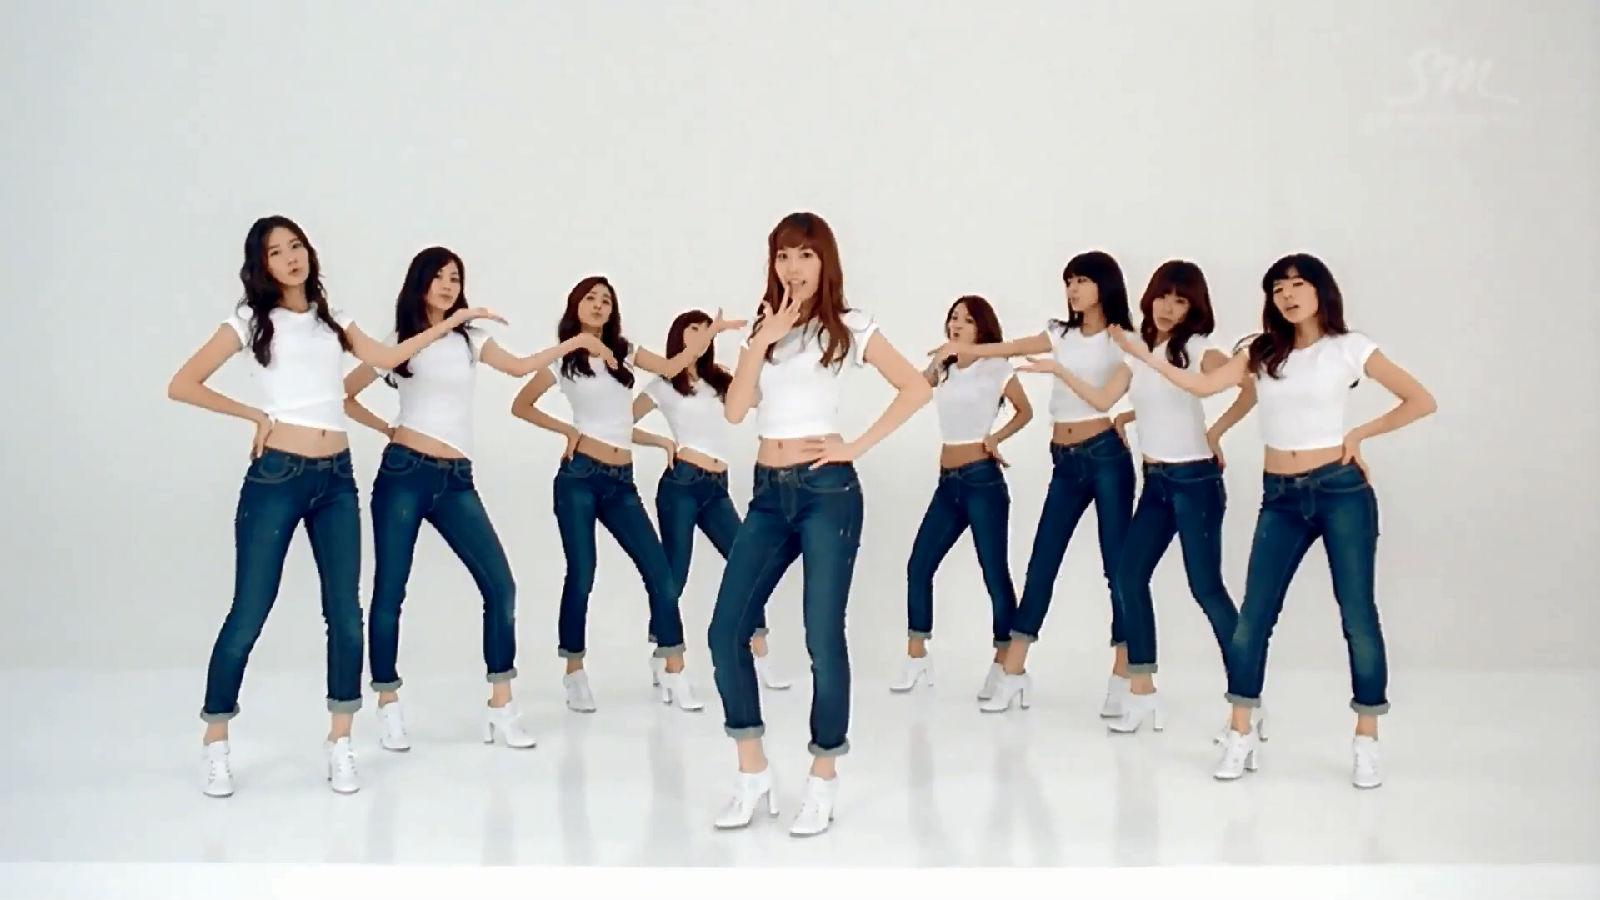 一堆韩国美女穿着白色露脐的上衣蓝色的牛仔裤在跳舞